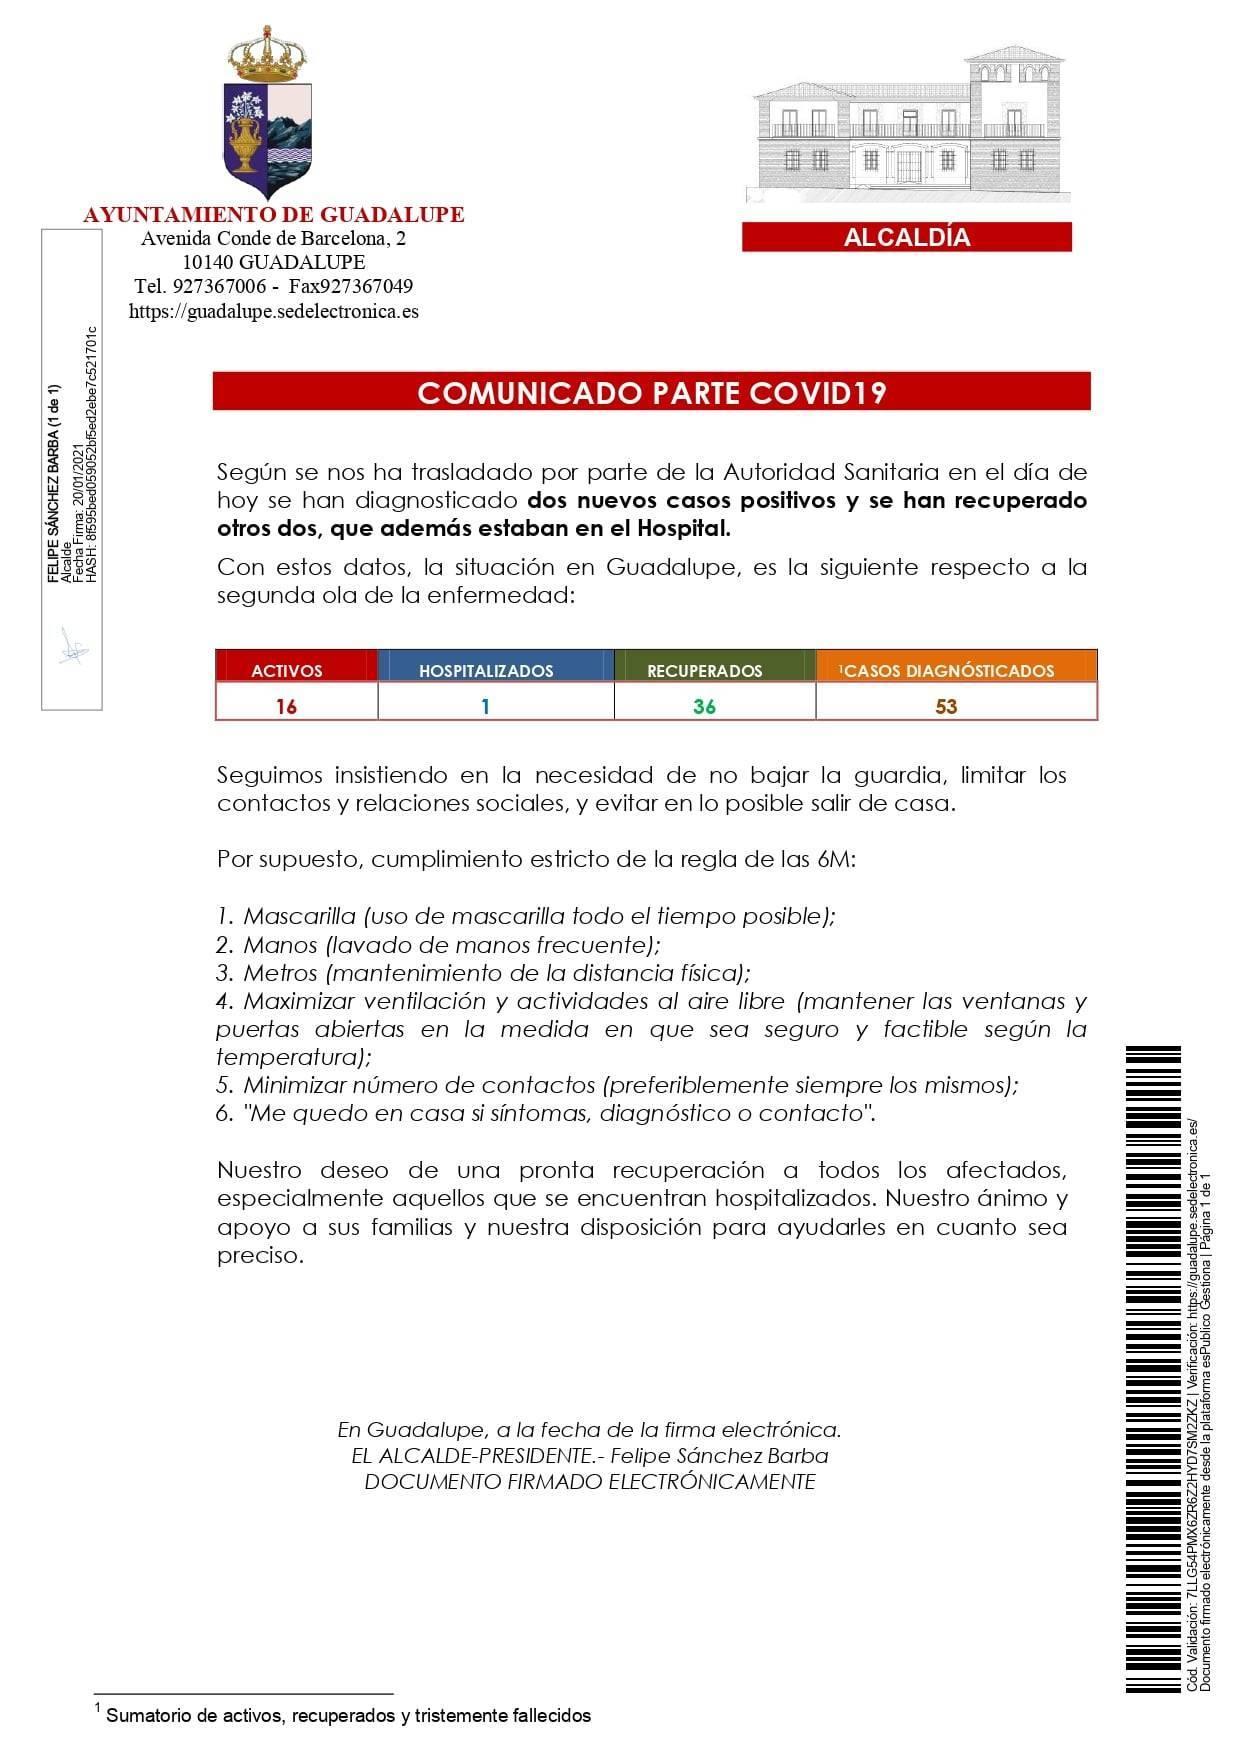 2 nuevos casos y 6 altas de COVID-19 (enero 2021) - Guadalupe (Cáceres) 2